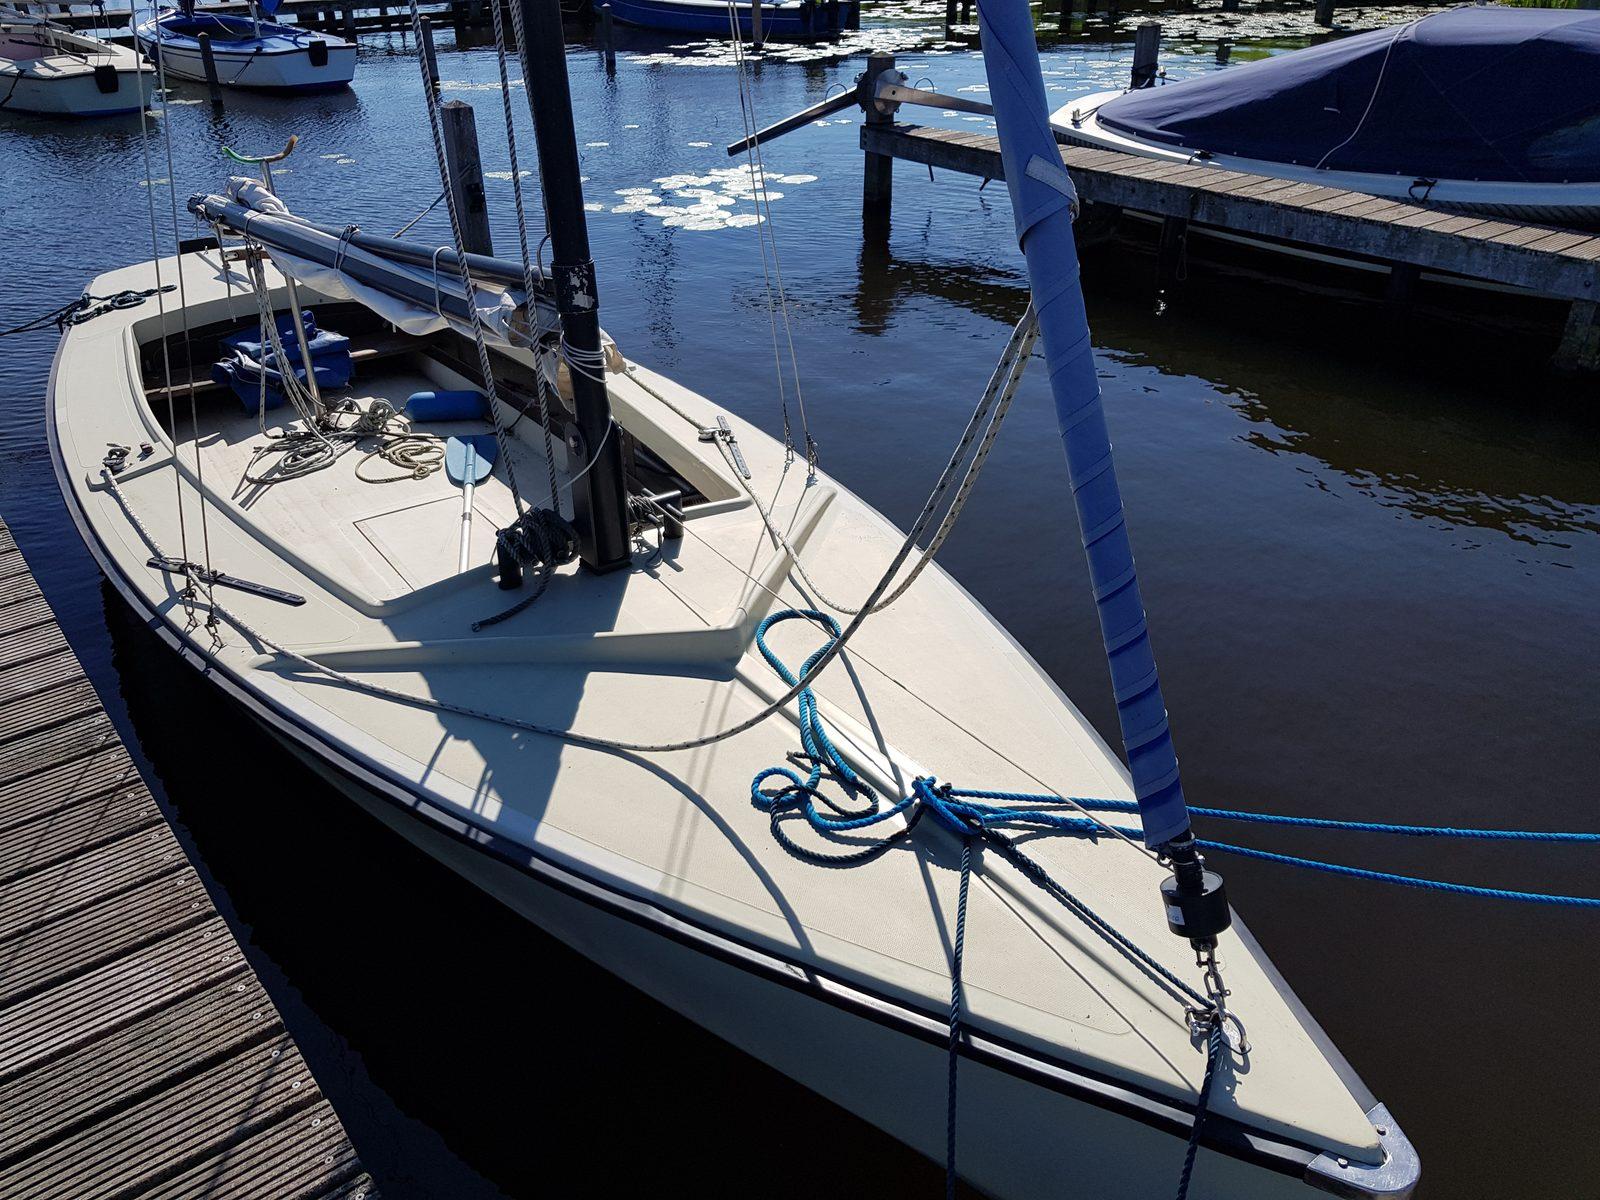 Zeilbootverhuur parkgasten